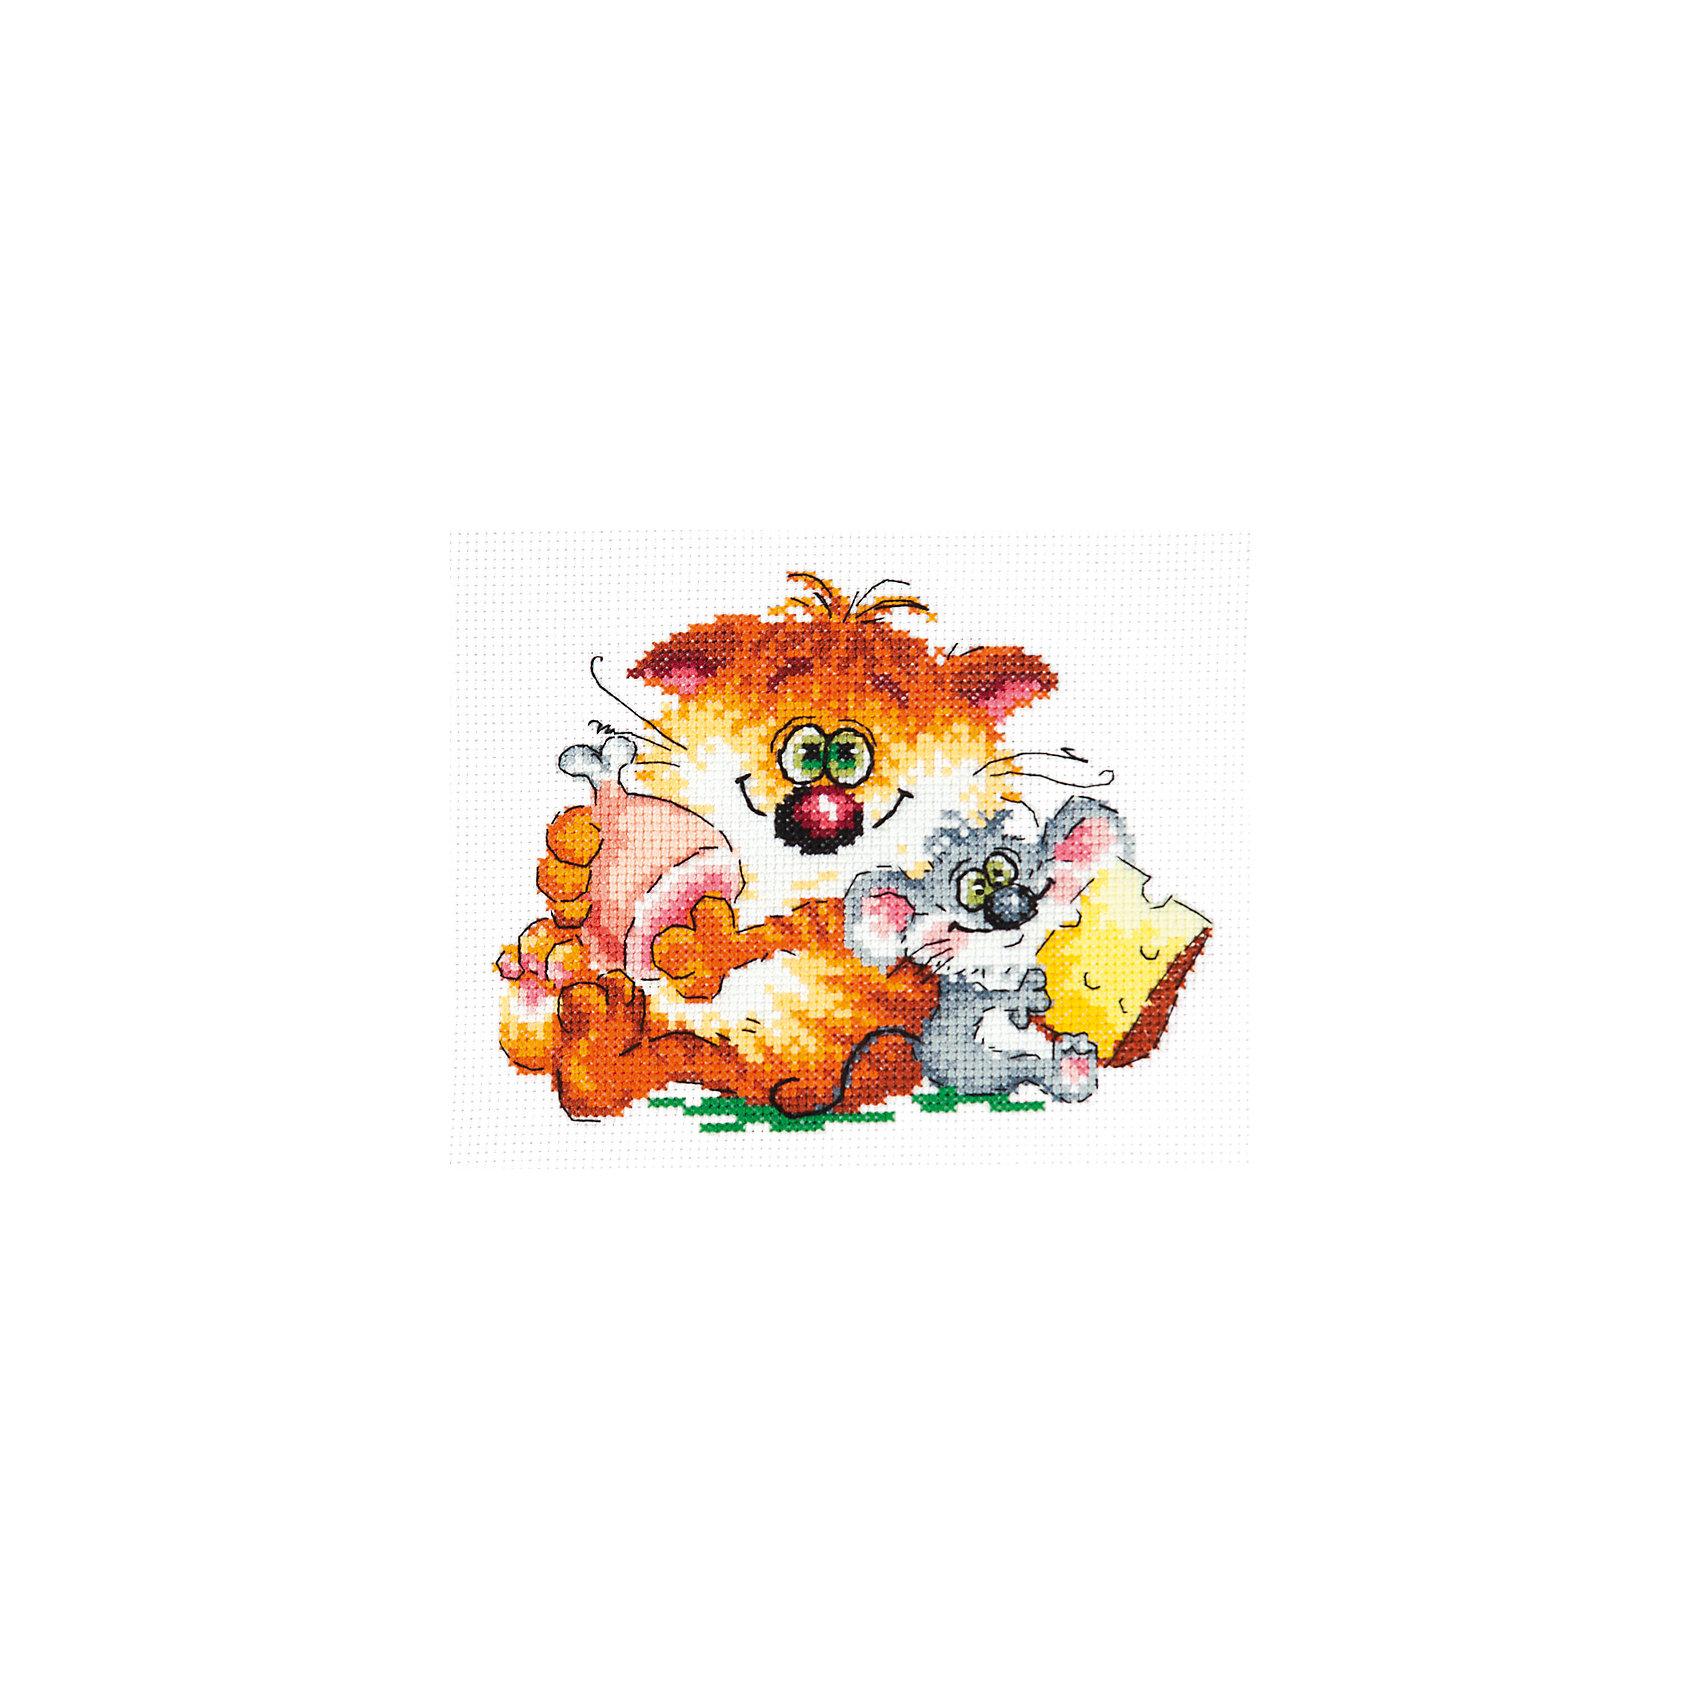 Чудесная игла Набор для вышивания крестом «Нам ли жить в печали!» набор для вышивания крестом luca s дневной котенок 5 5 х 10 см